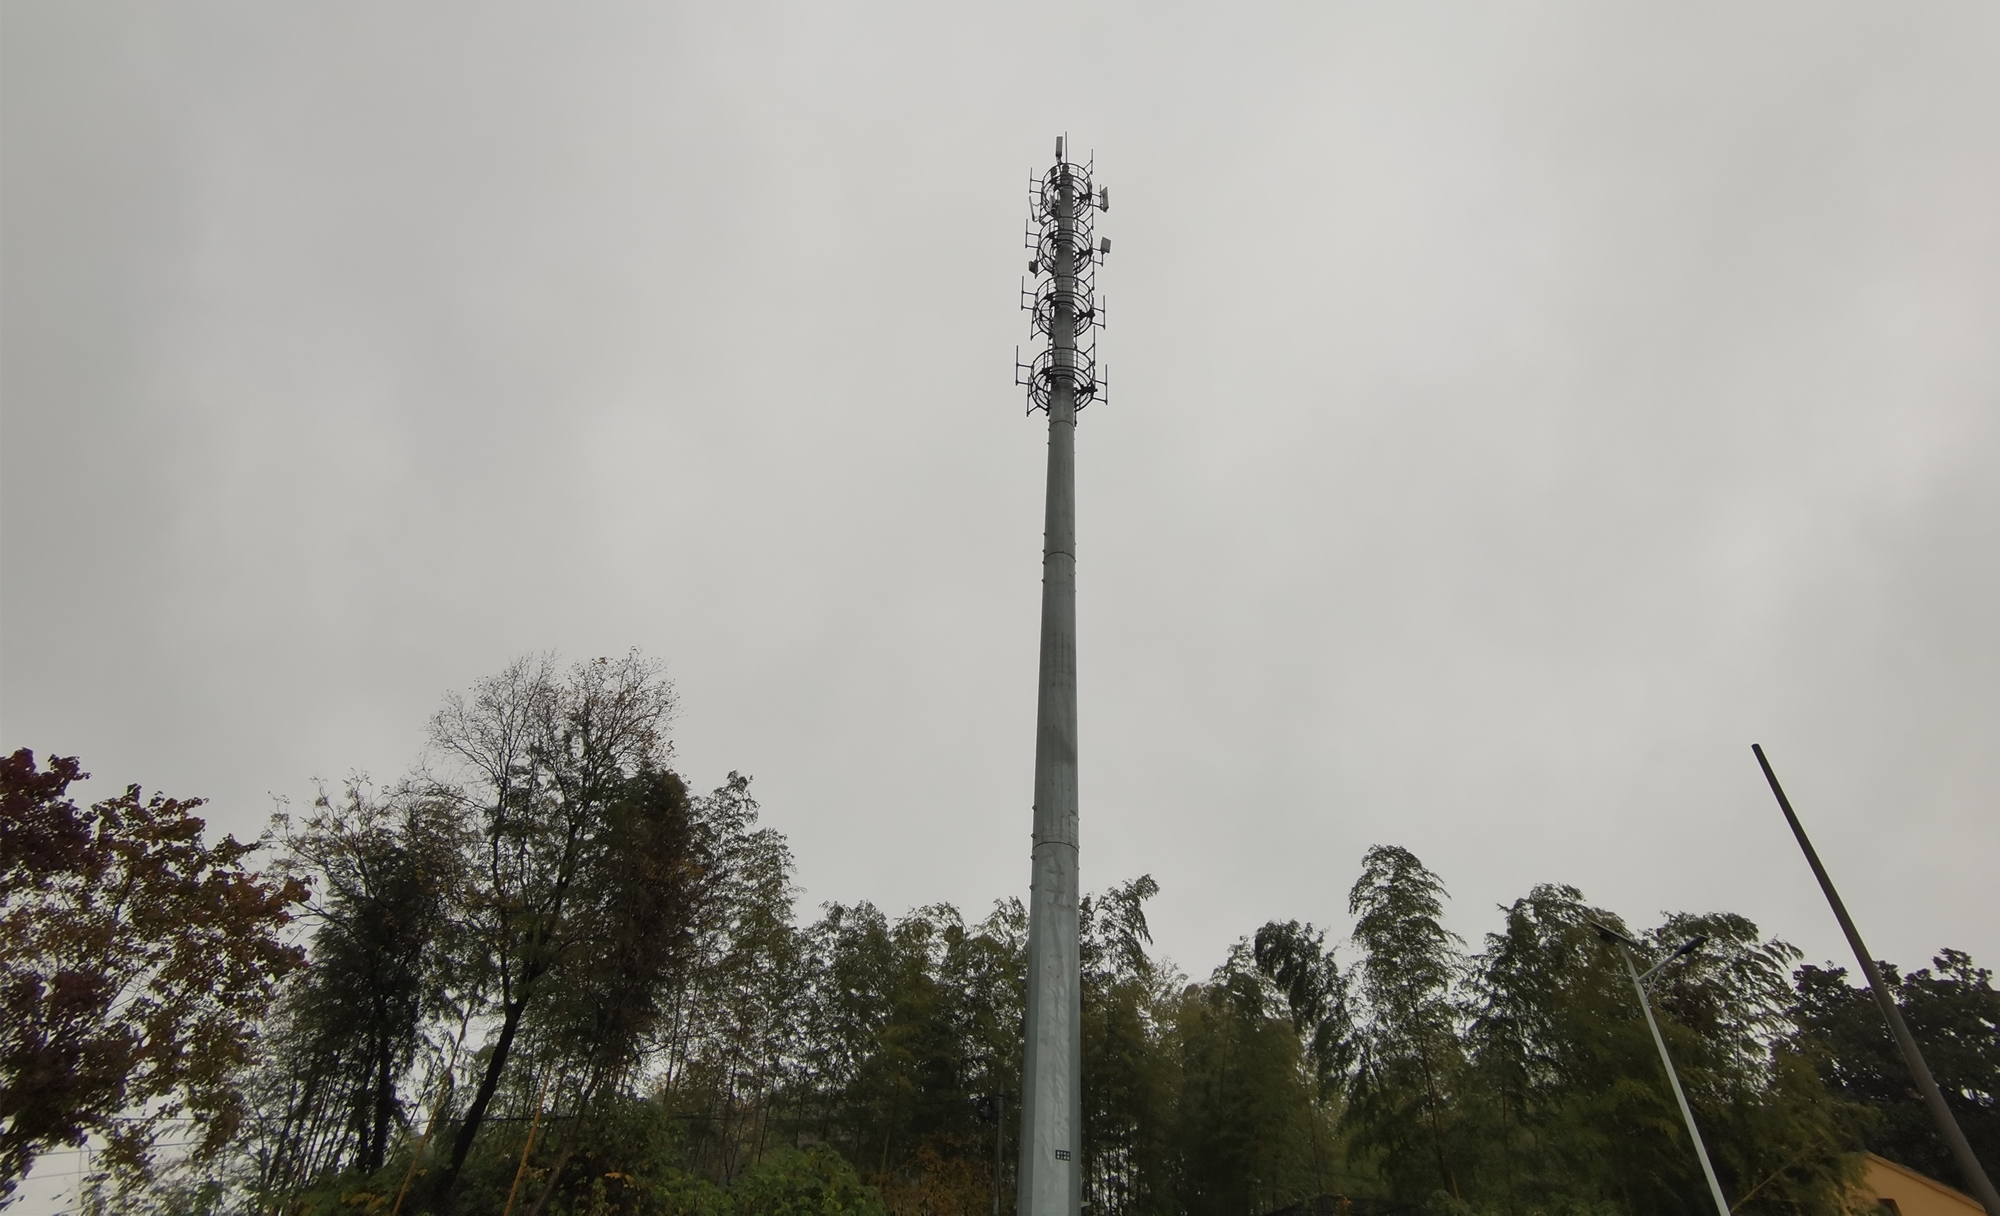 南京高淳区固城街道建成铁塔高空瞭望监控,实现火情智能化预警